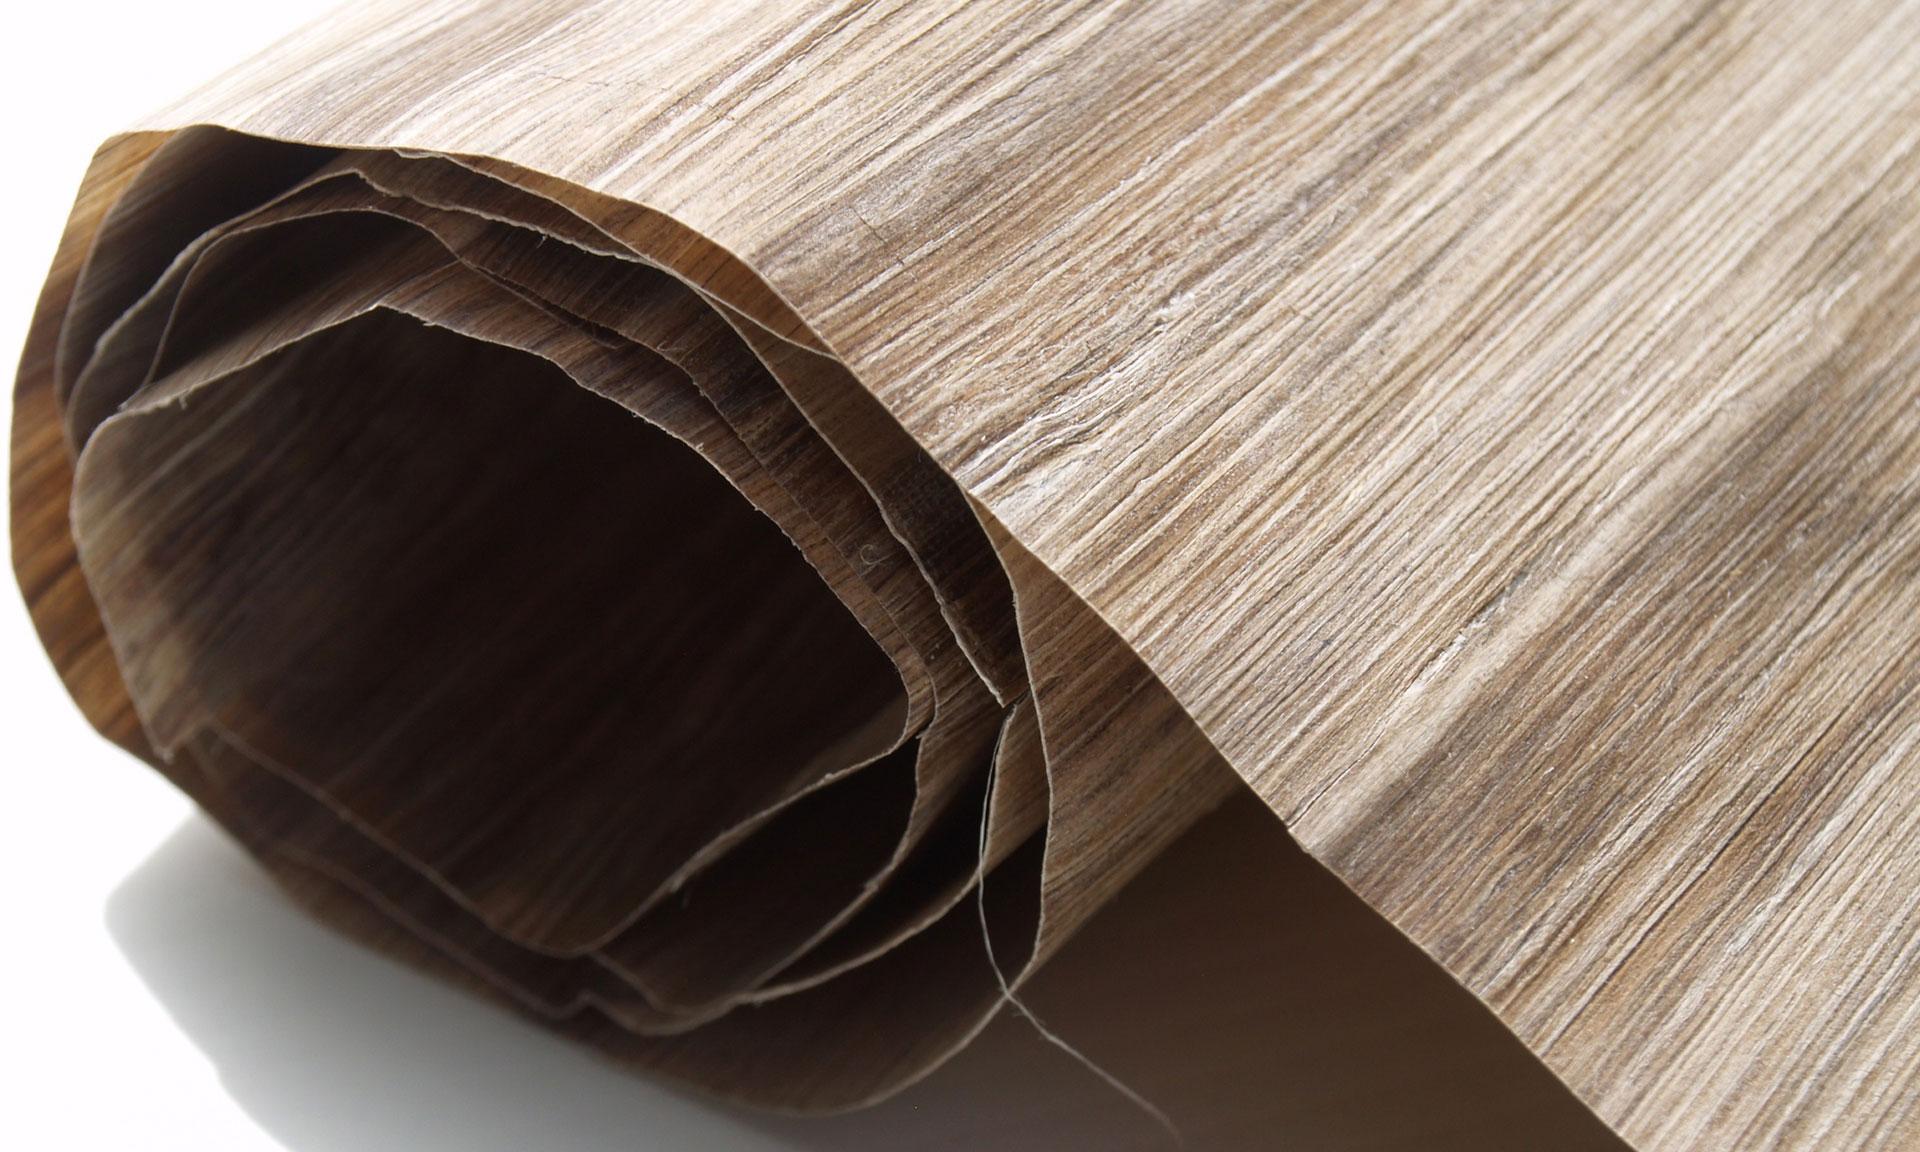 oleari-madeiras-imagem-destaque-home-2